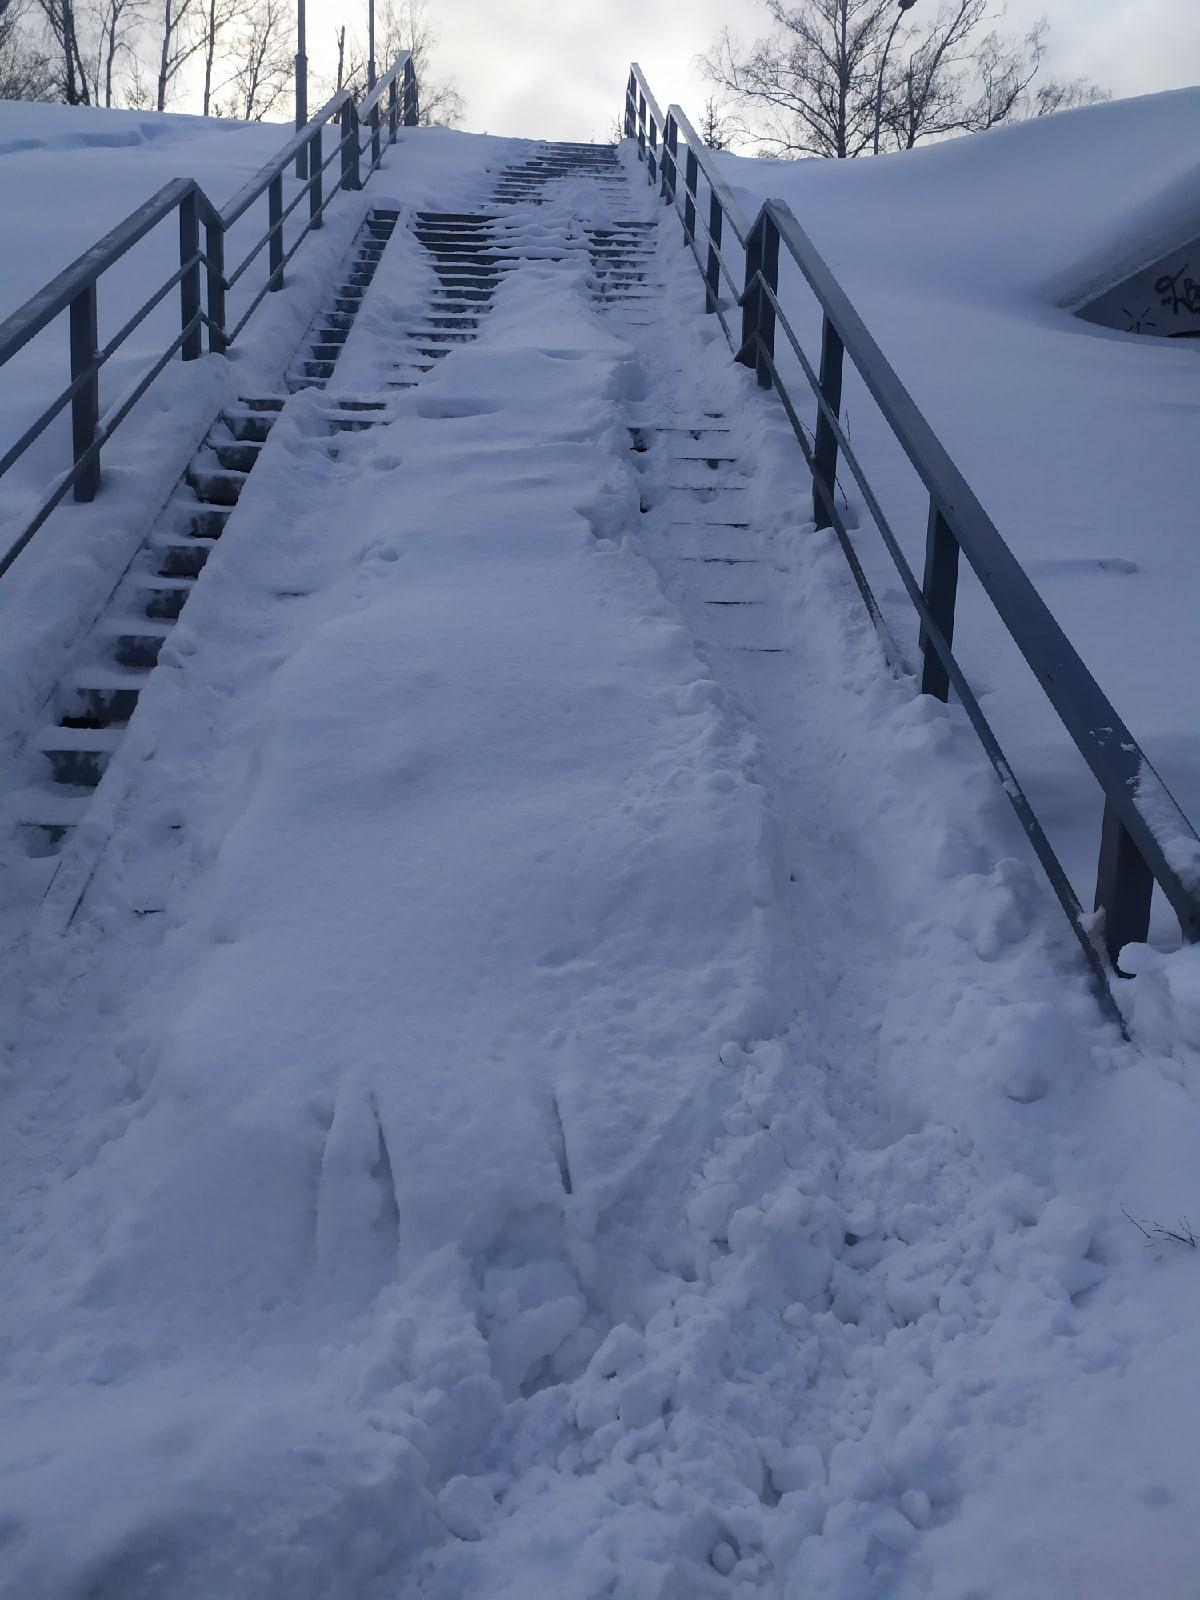 Фото «Горка смерти»: новосибирцев возмутили нечищеные лестницы на остановке «Бугринская роща» 2